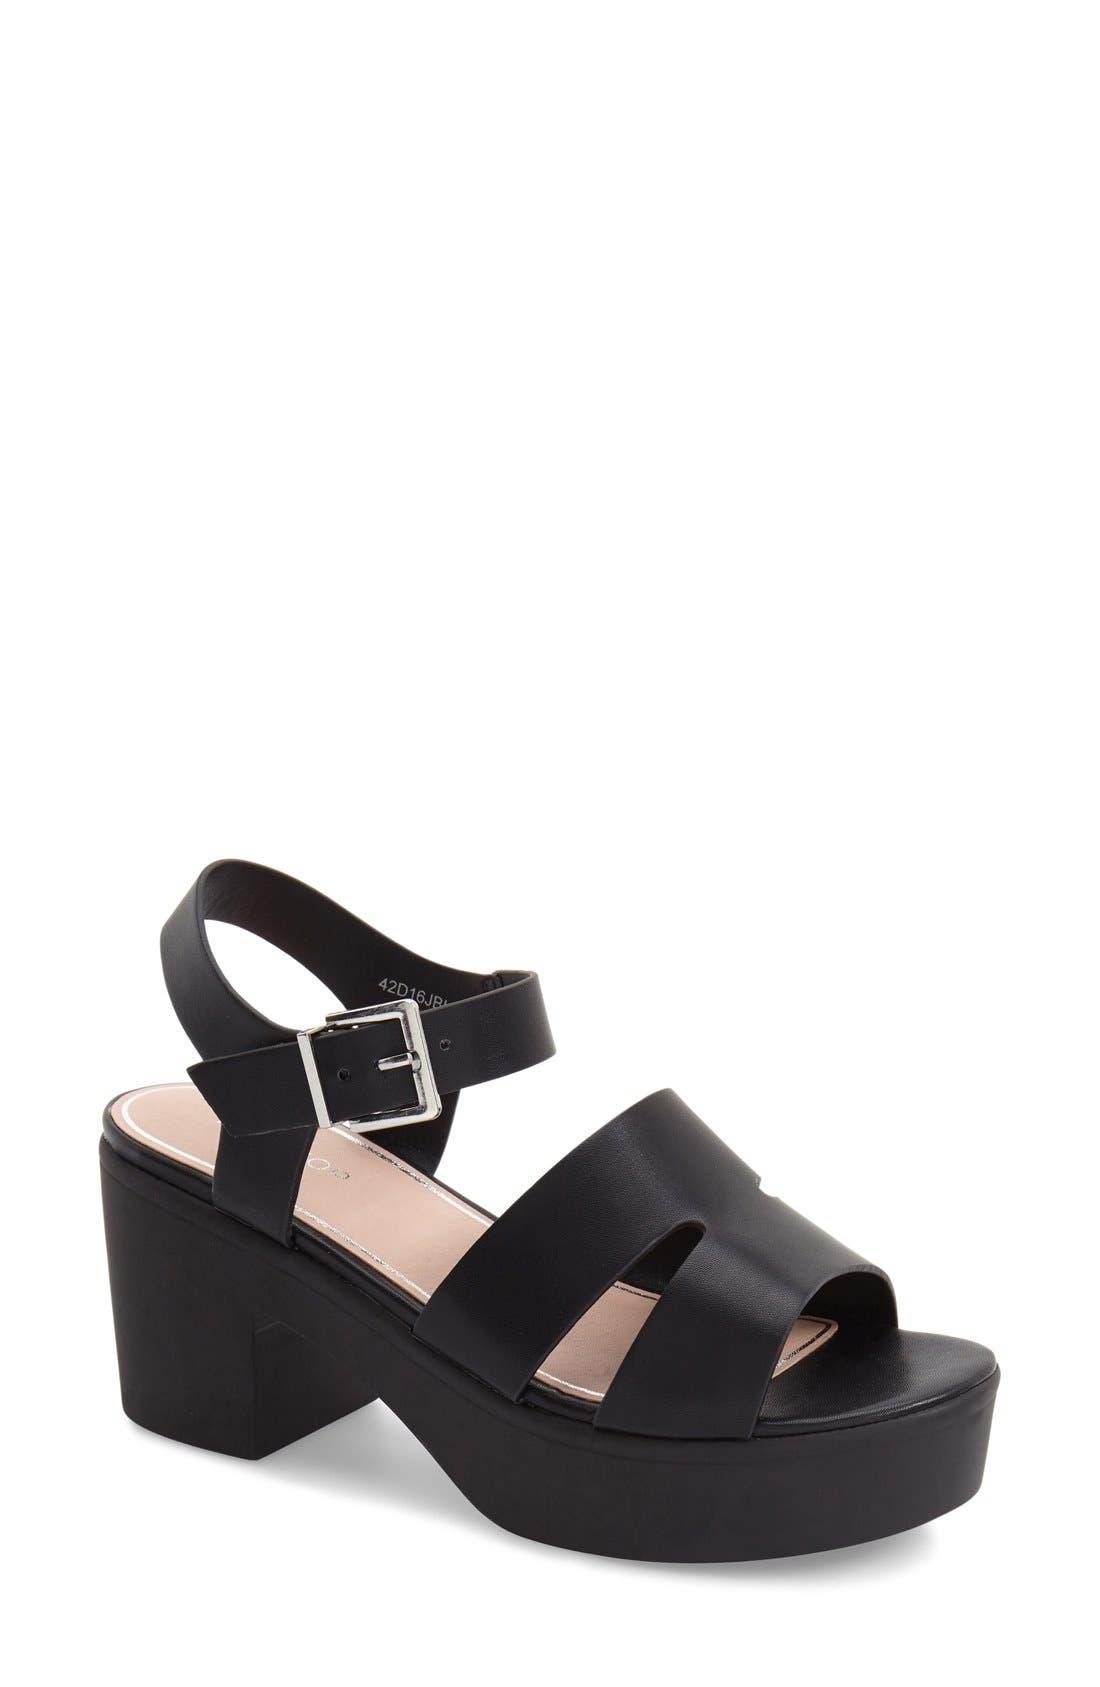 Alternate Image 1 Selected - Topshop 'Den' Platform Sandal (Women)